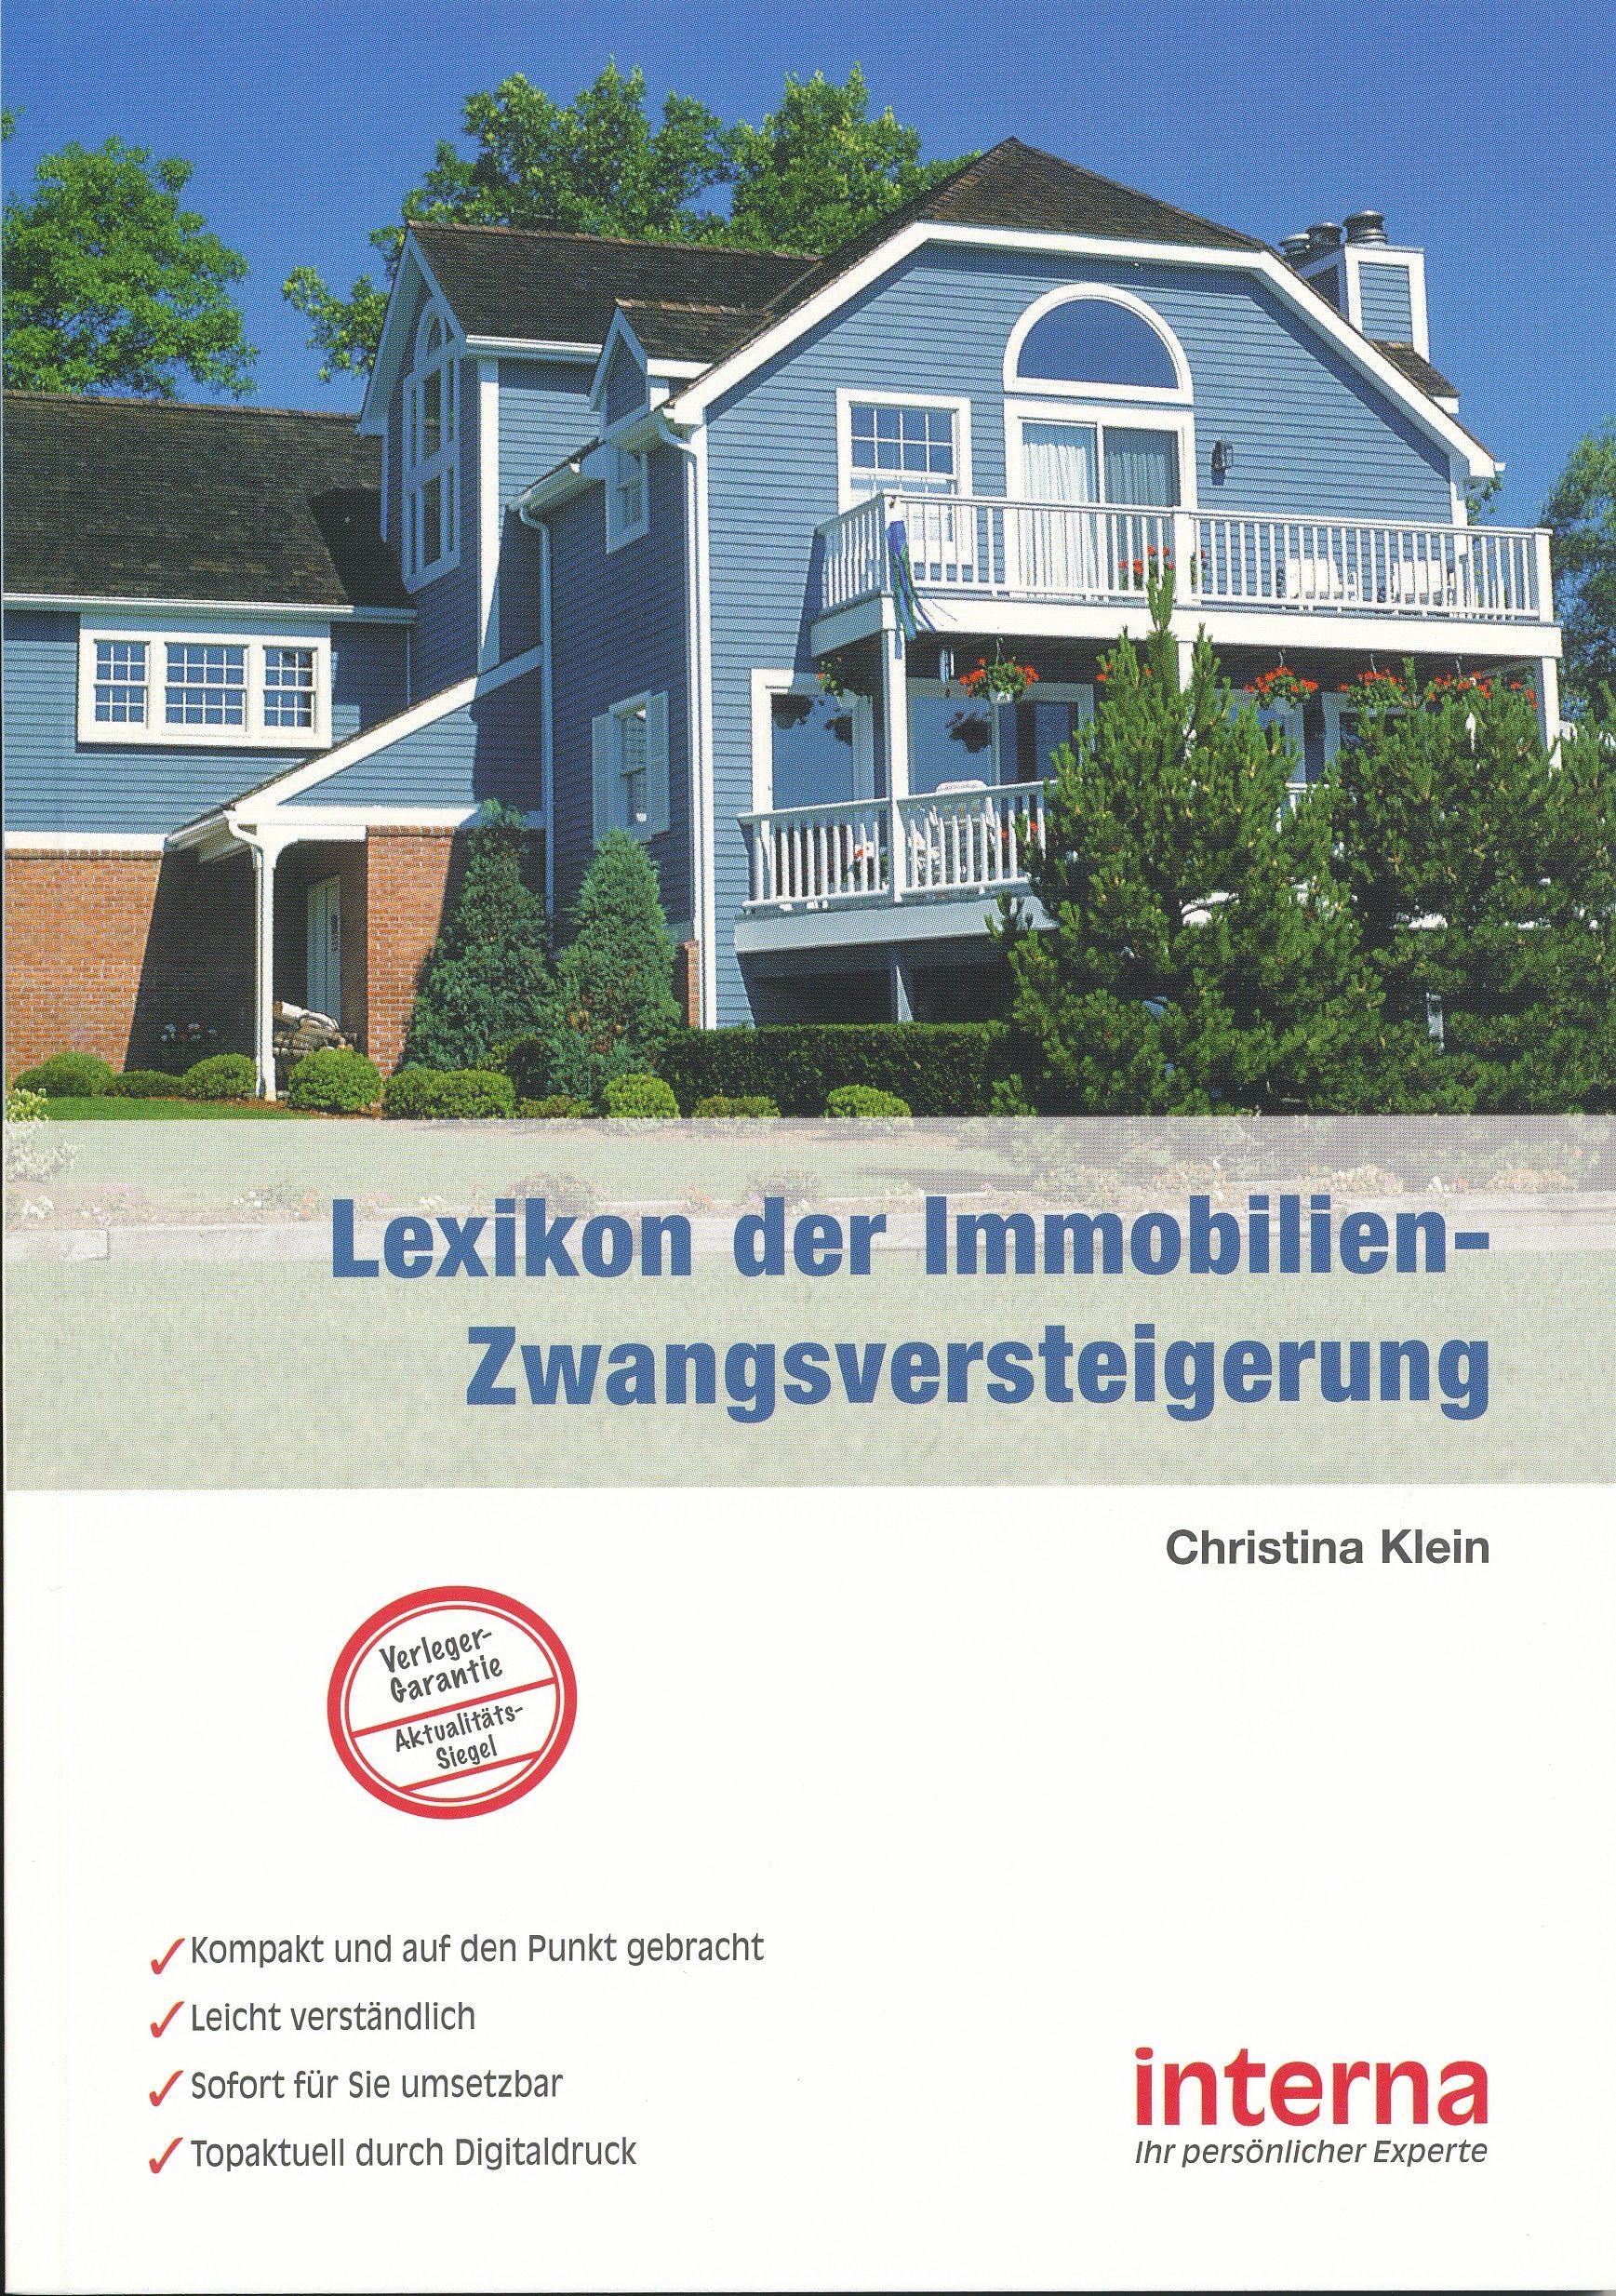 Lexikon der ImmobilienZwangsversteigerung Immobilien